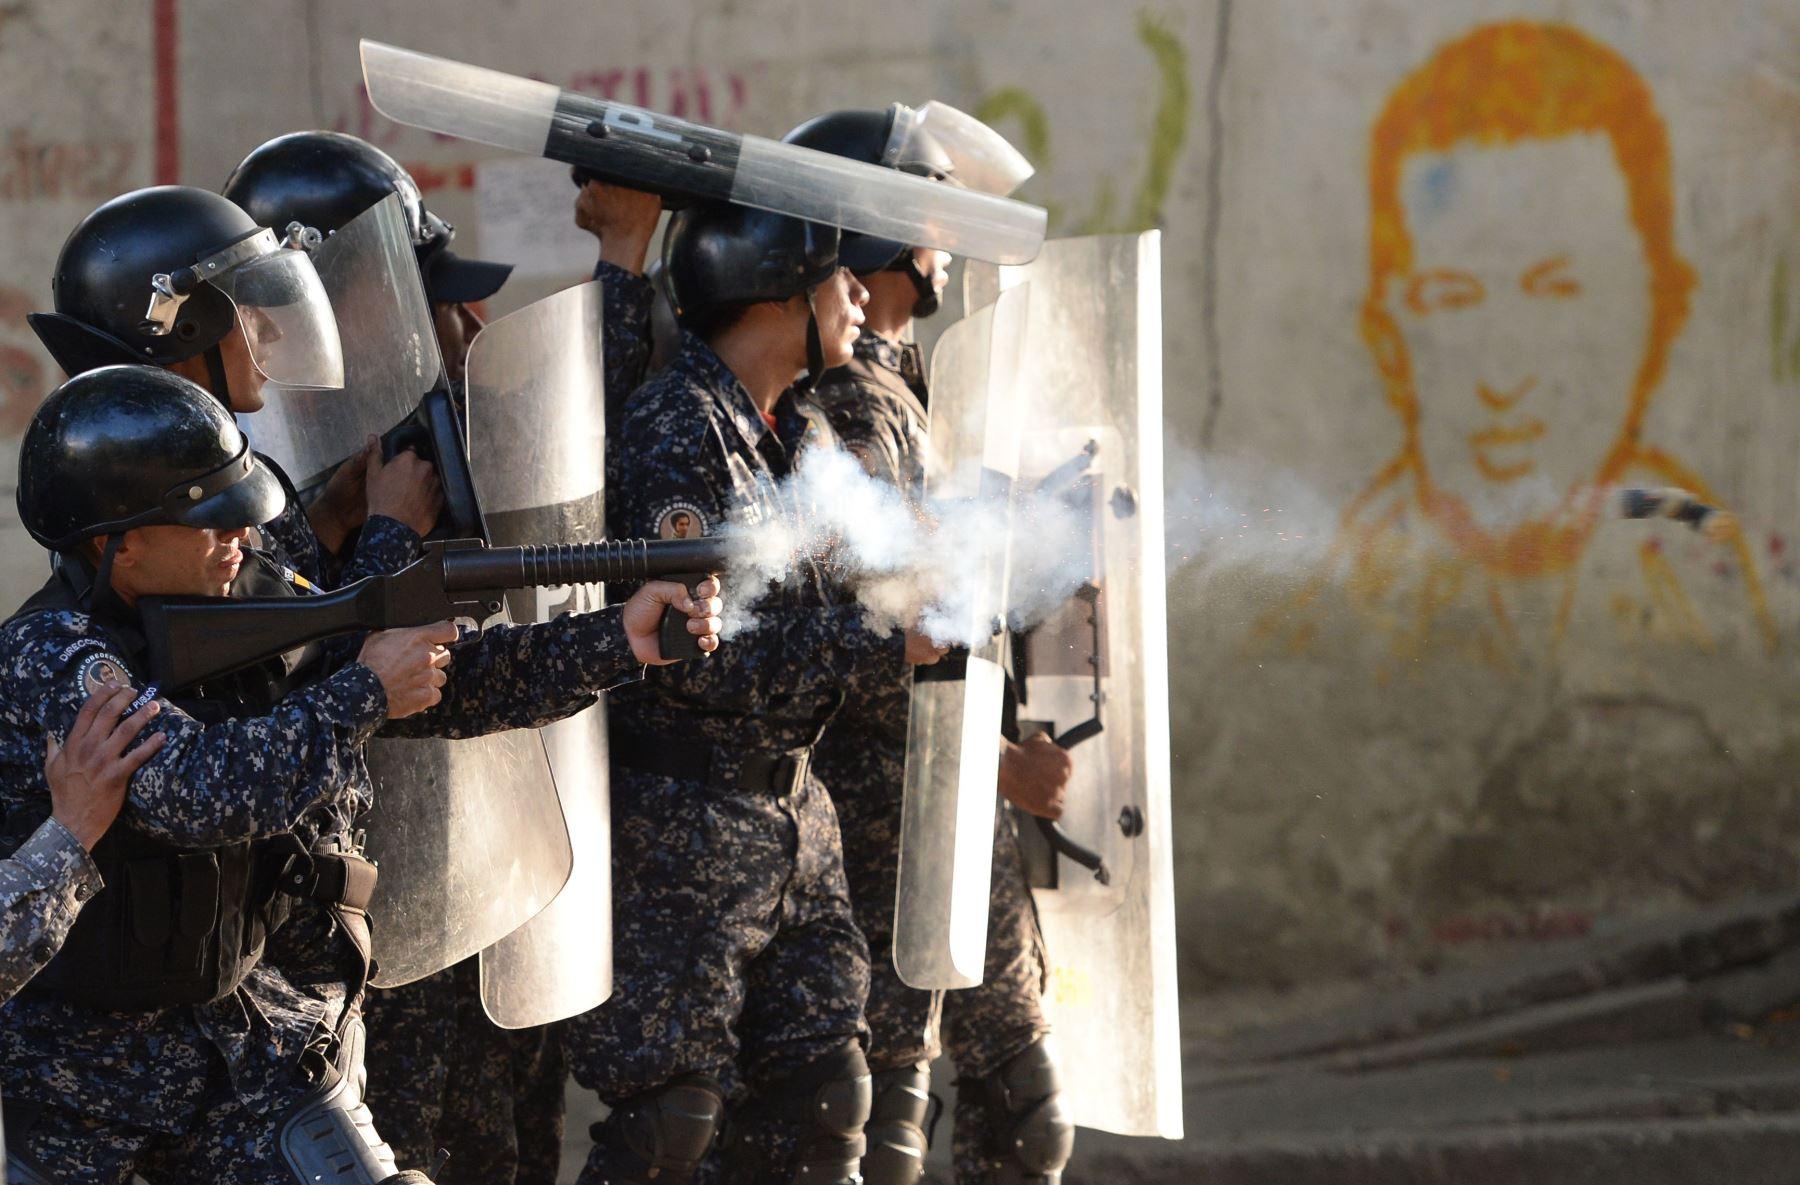 La policía antidisturbios se enfrentó con manifestantes antigubernamentales en el barrio de Los Mecedores, en Caracas. Foto: AFP.